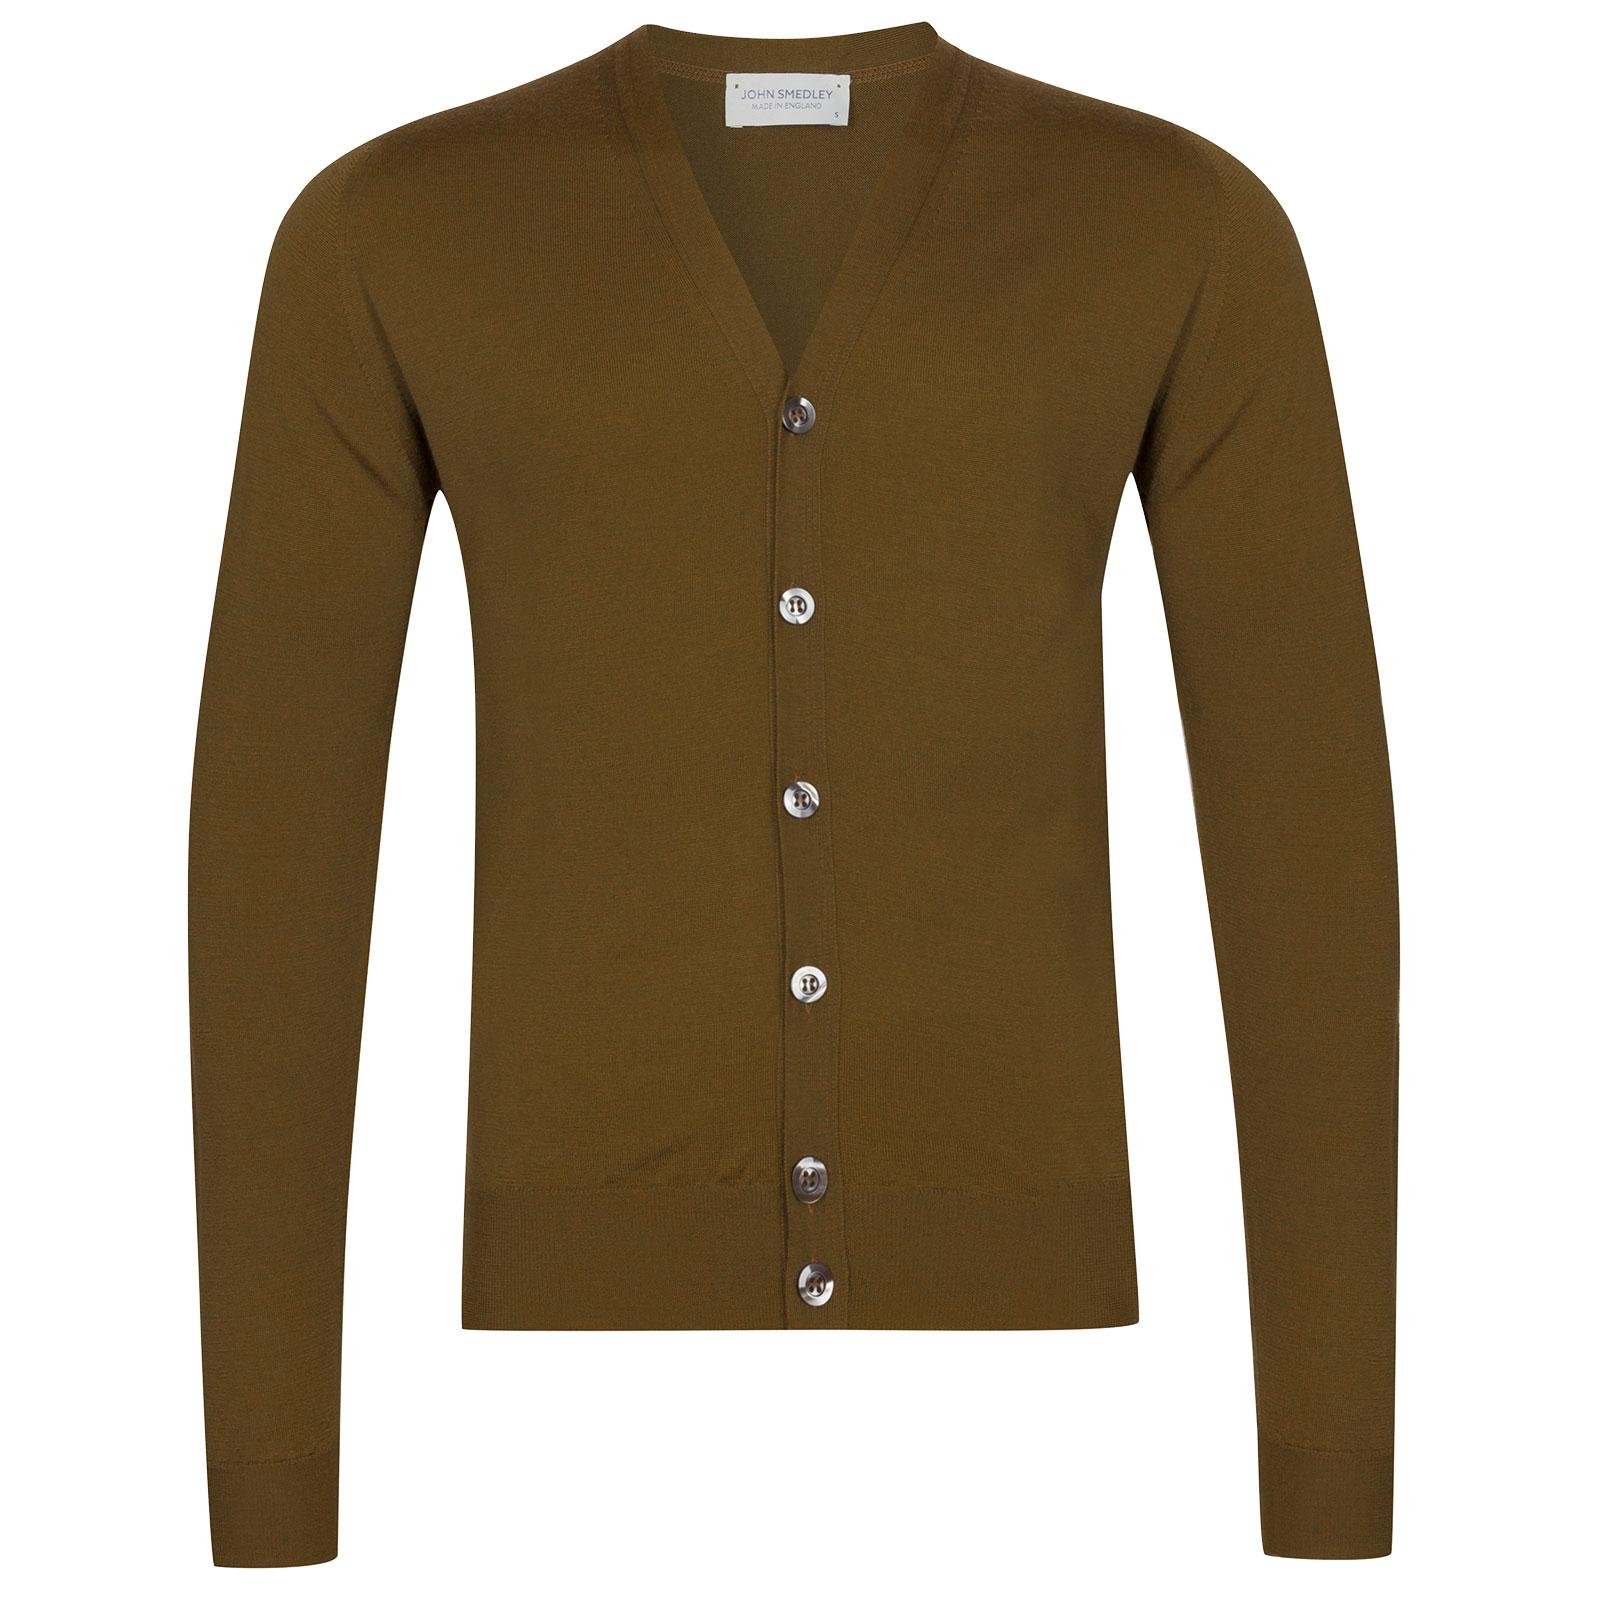 John Smedley Naples Merino Wool Cardigan in Khaki-XL